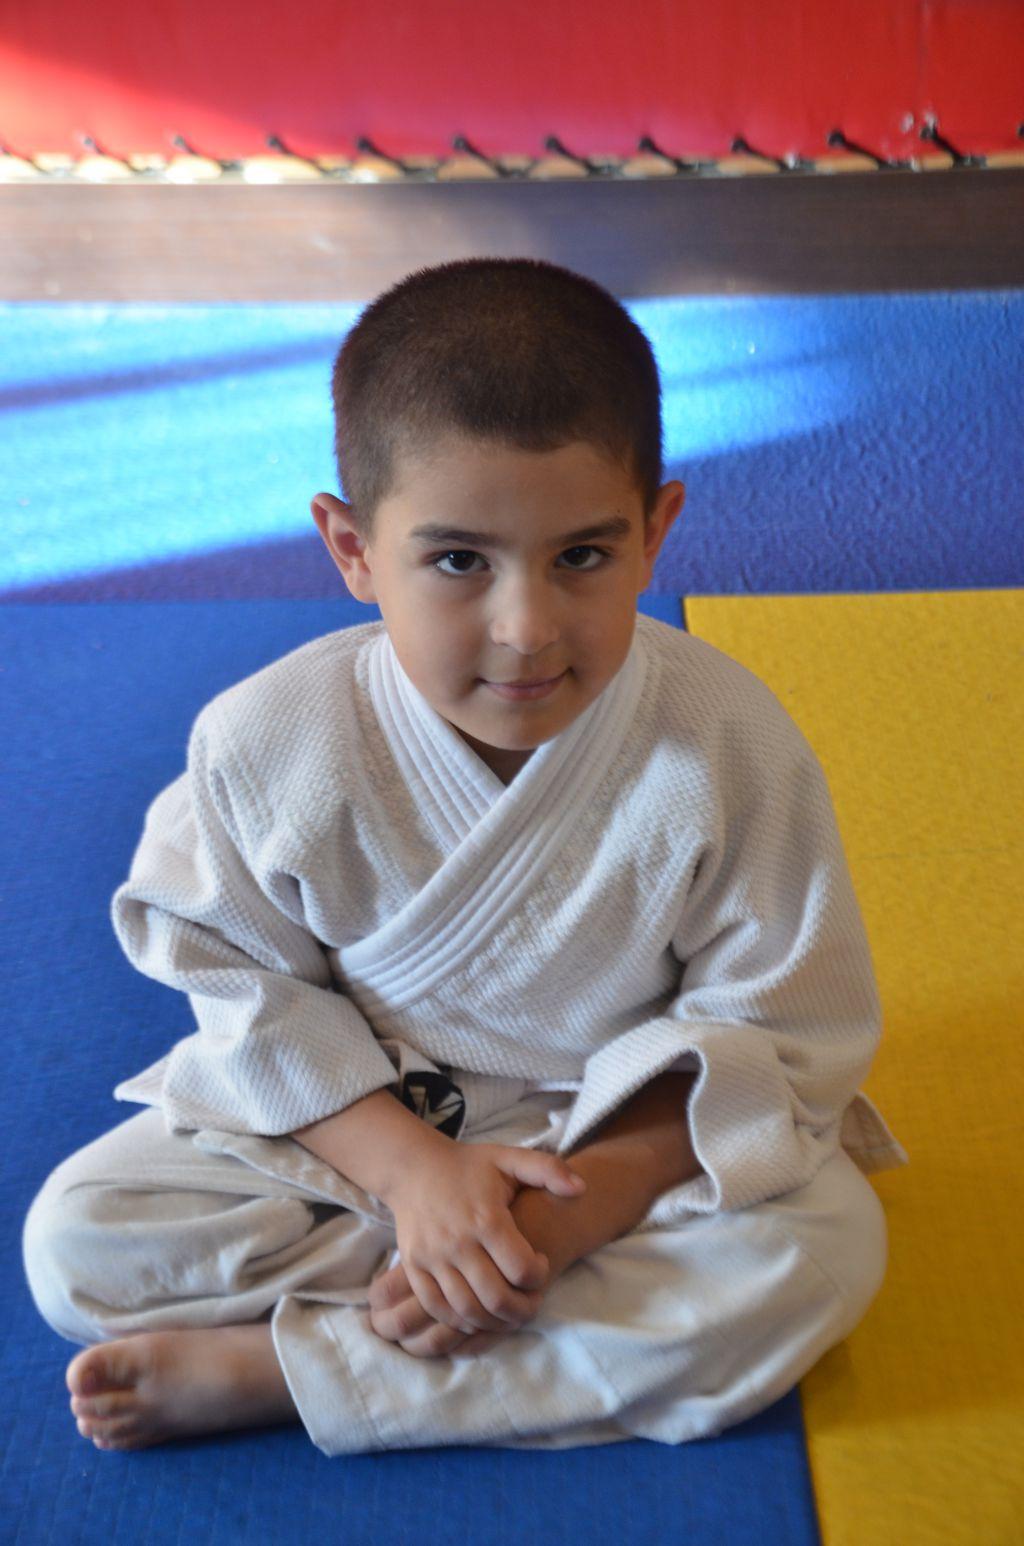 Поздравляем Юсифа Ибрагимова с Днём Рождения! Желаем Ему Здоровья и Успехов в Учёбе и Спорте!